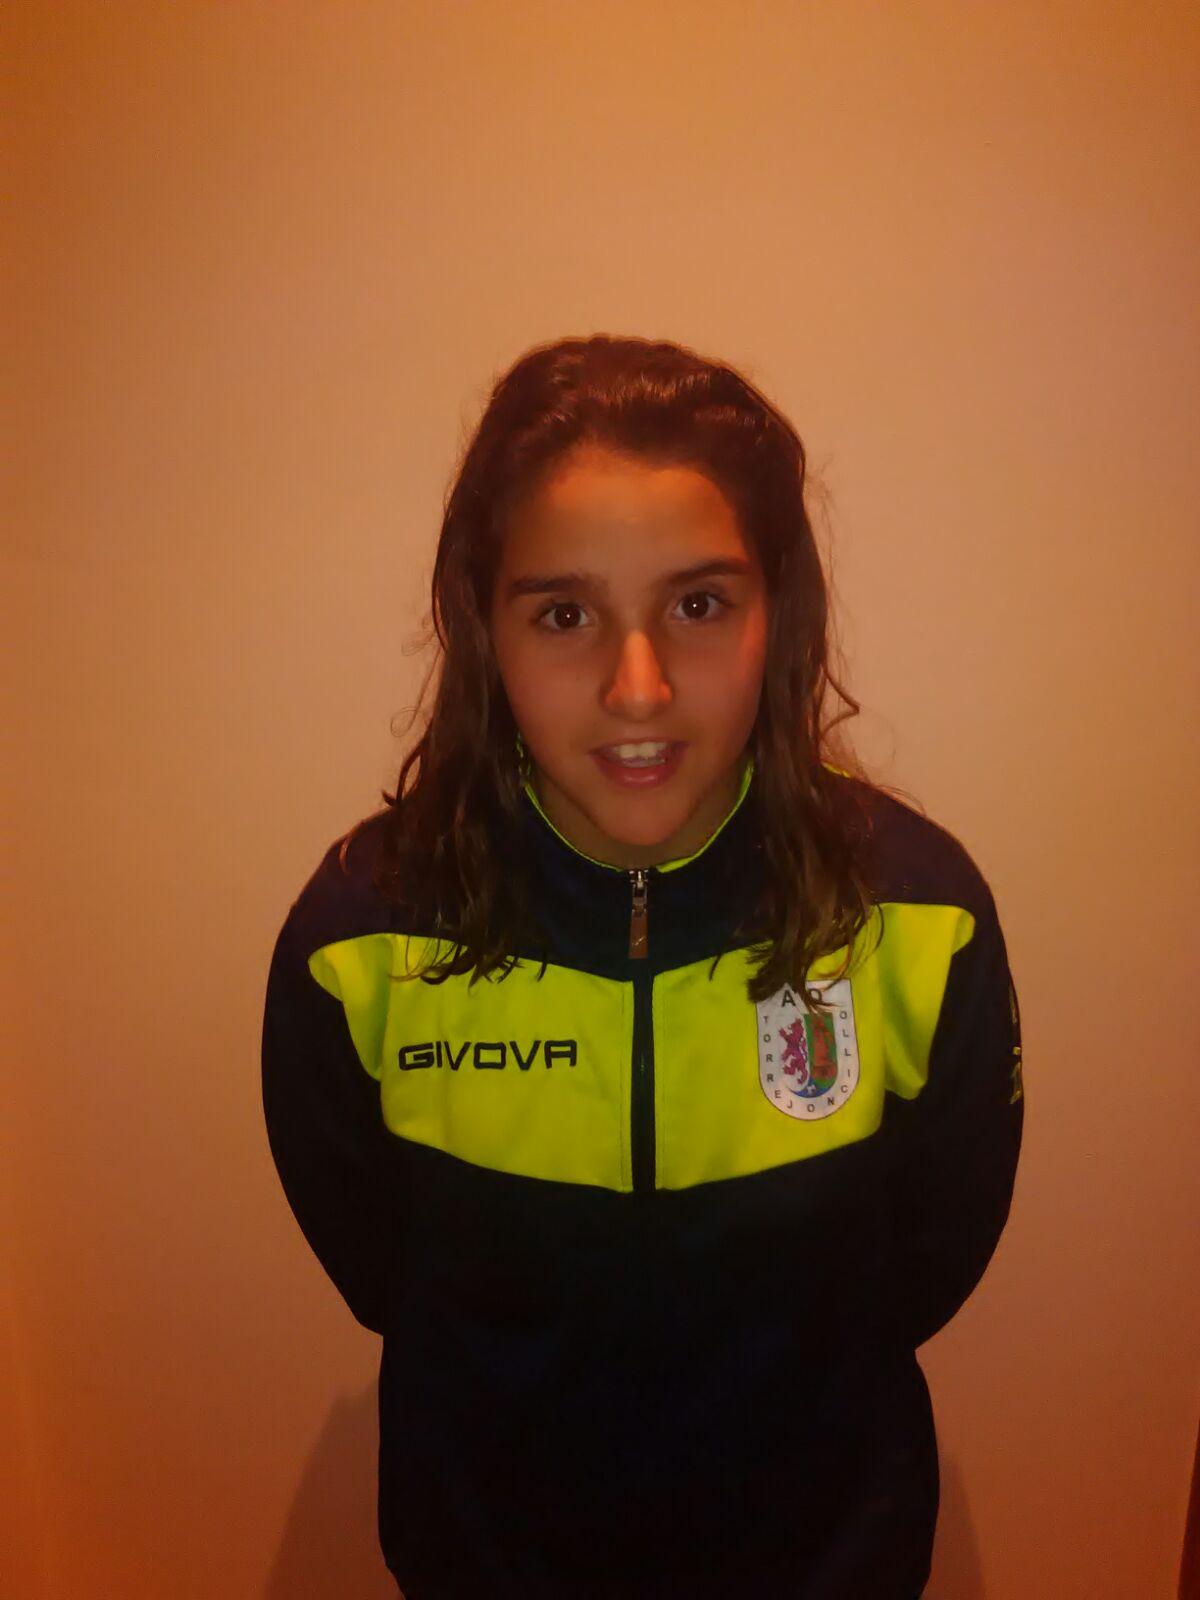 Ana Oliva participará en el Campeonato de España Femenino de Fútbol